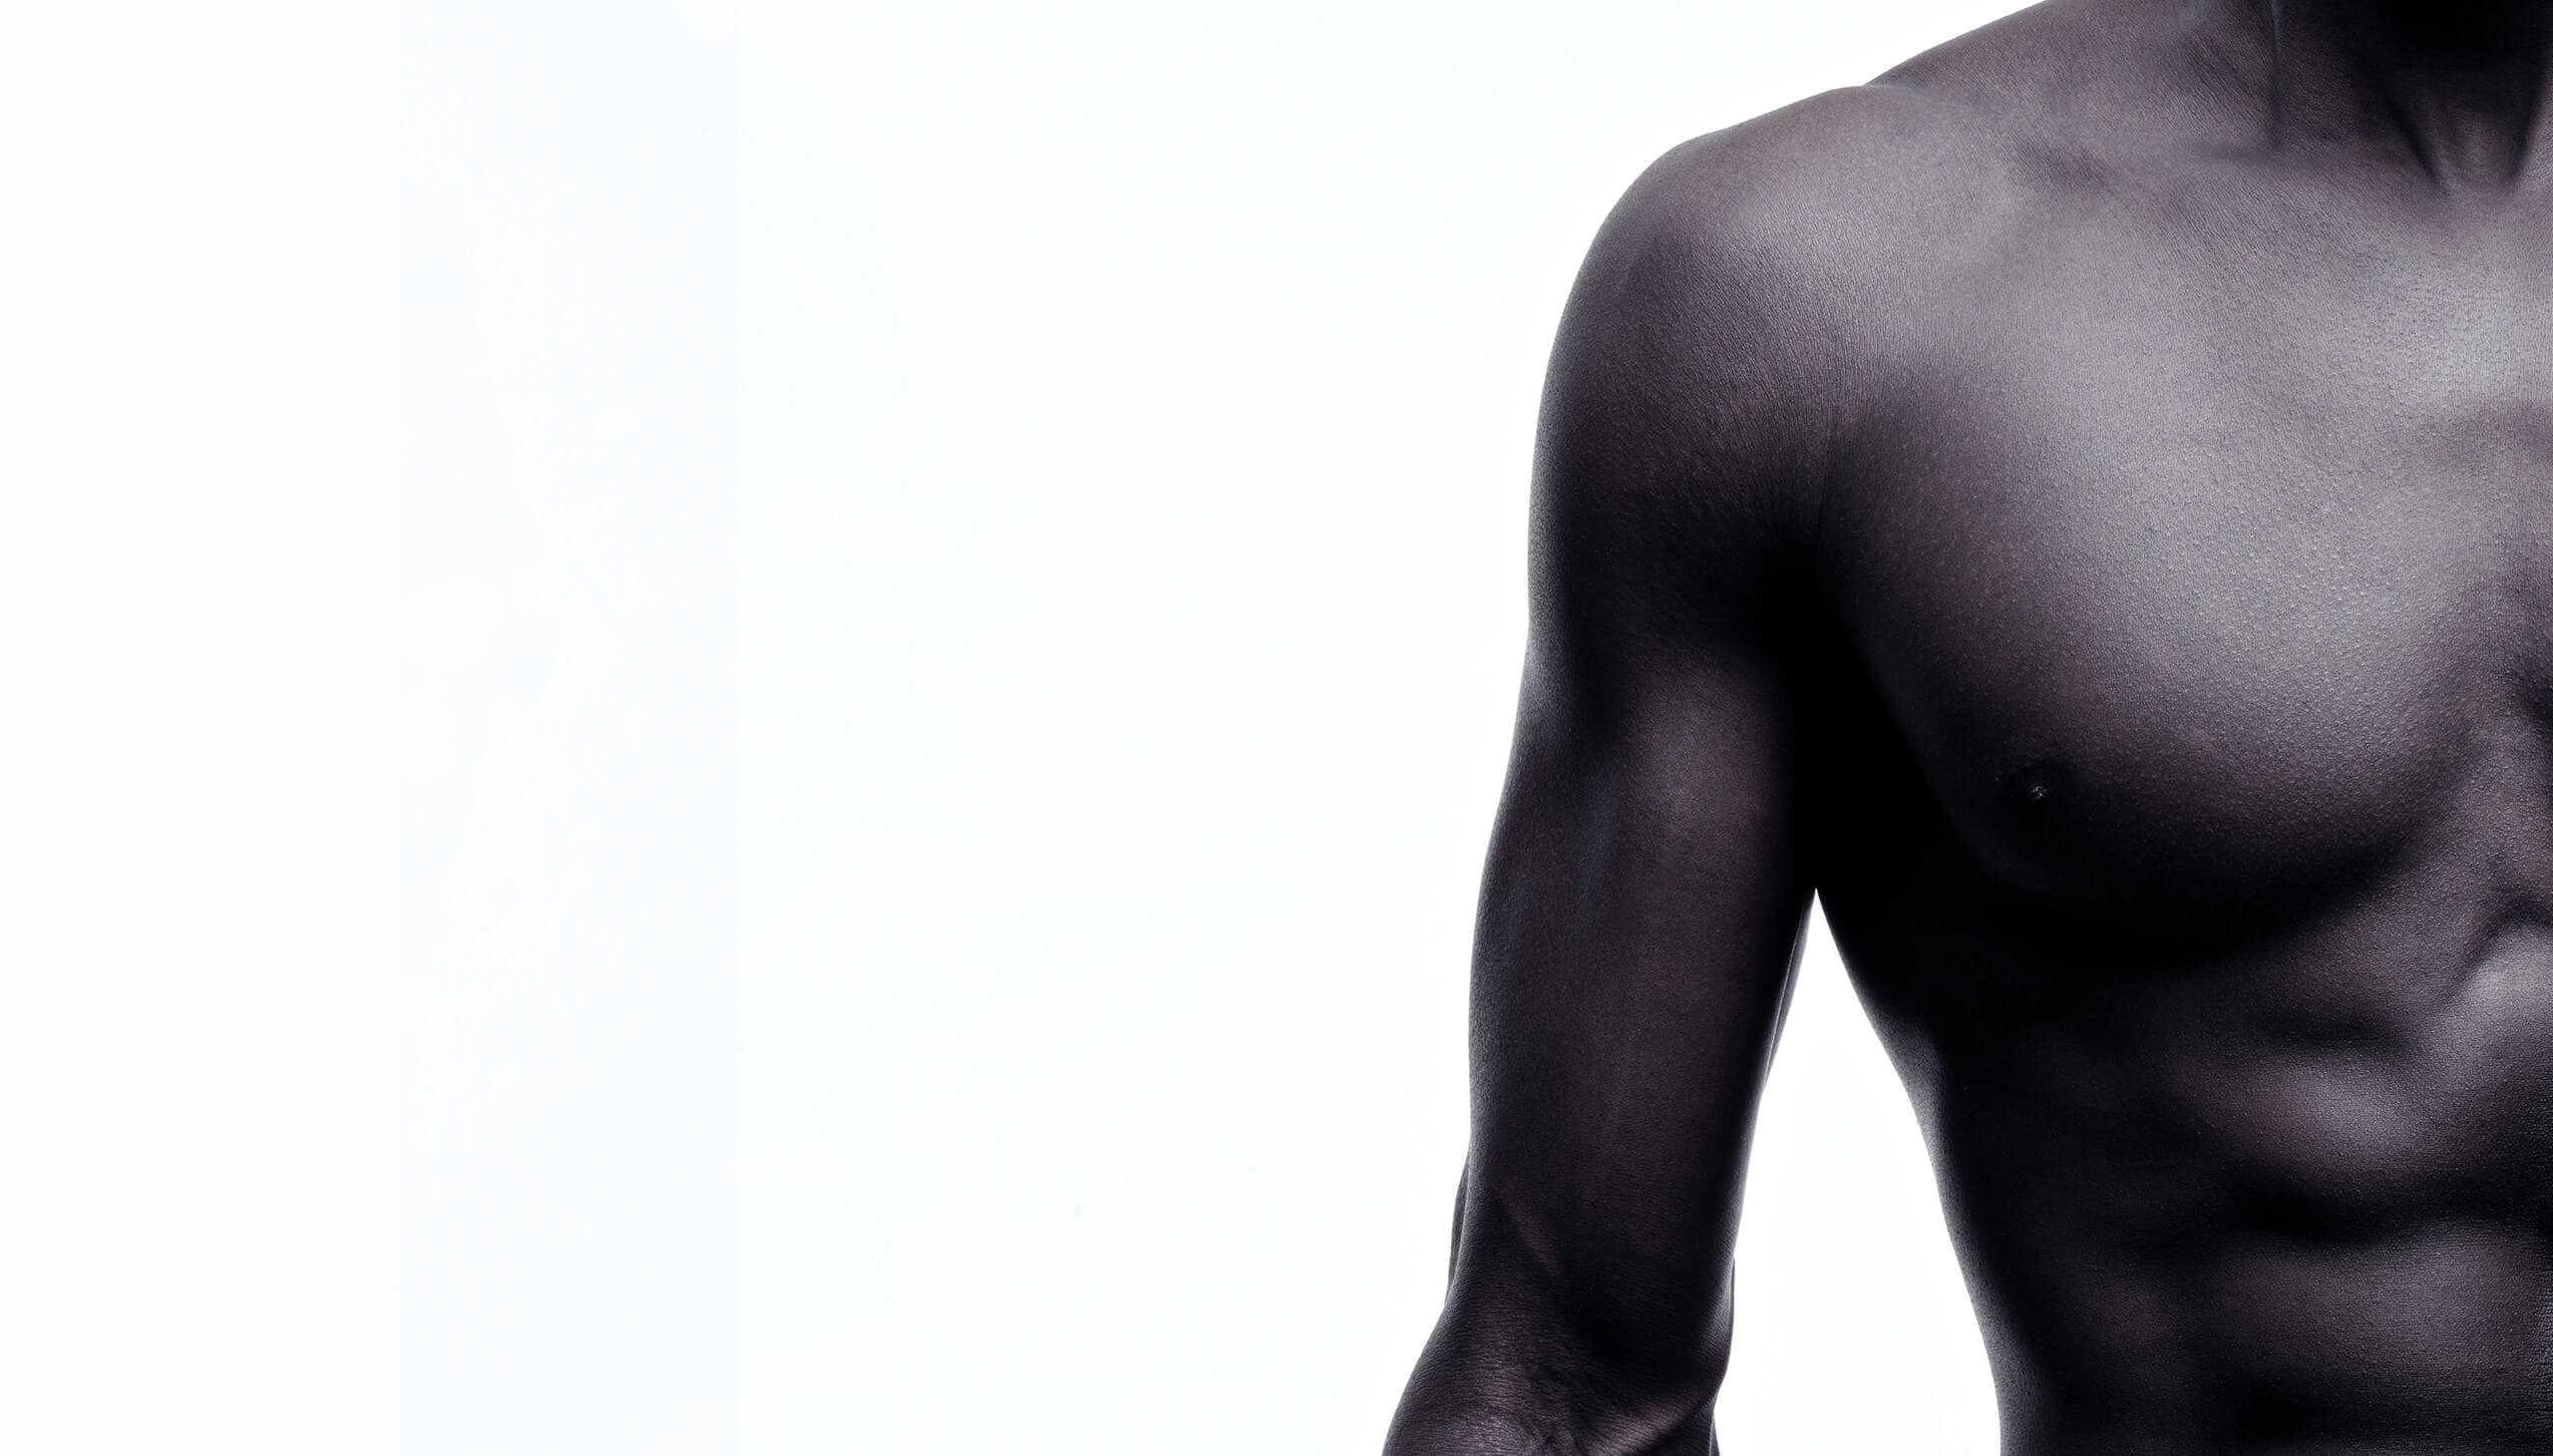 Athletic shoulder - front